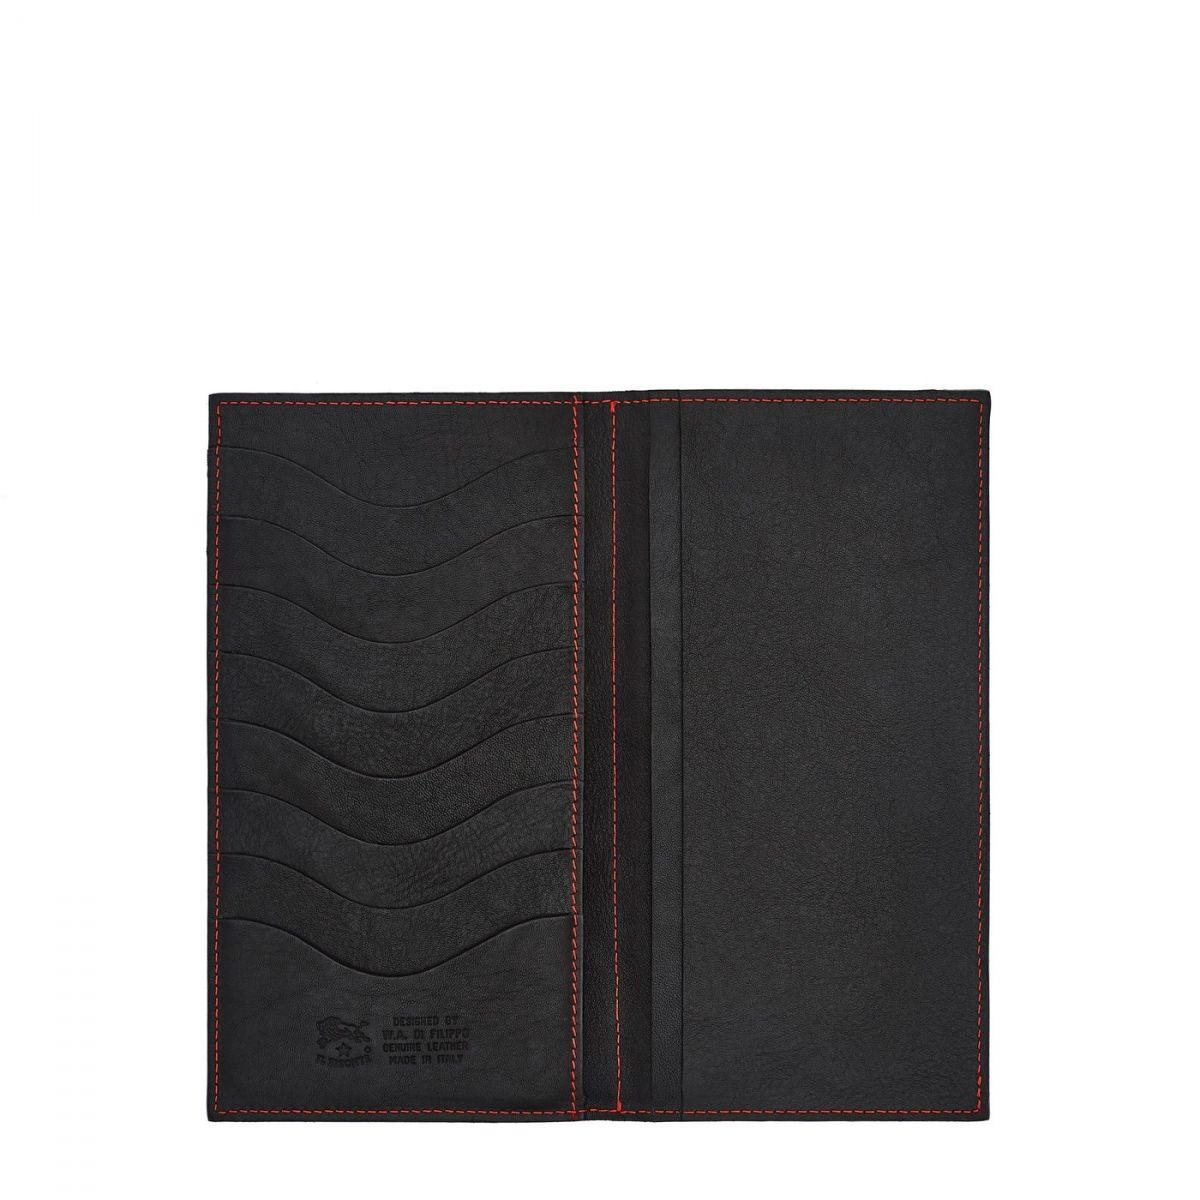 Portefeuille Continental  en Cuir De Vachette Vintage SCW003 couleur Gris Foncé | Details